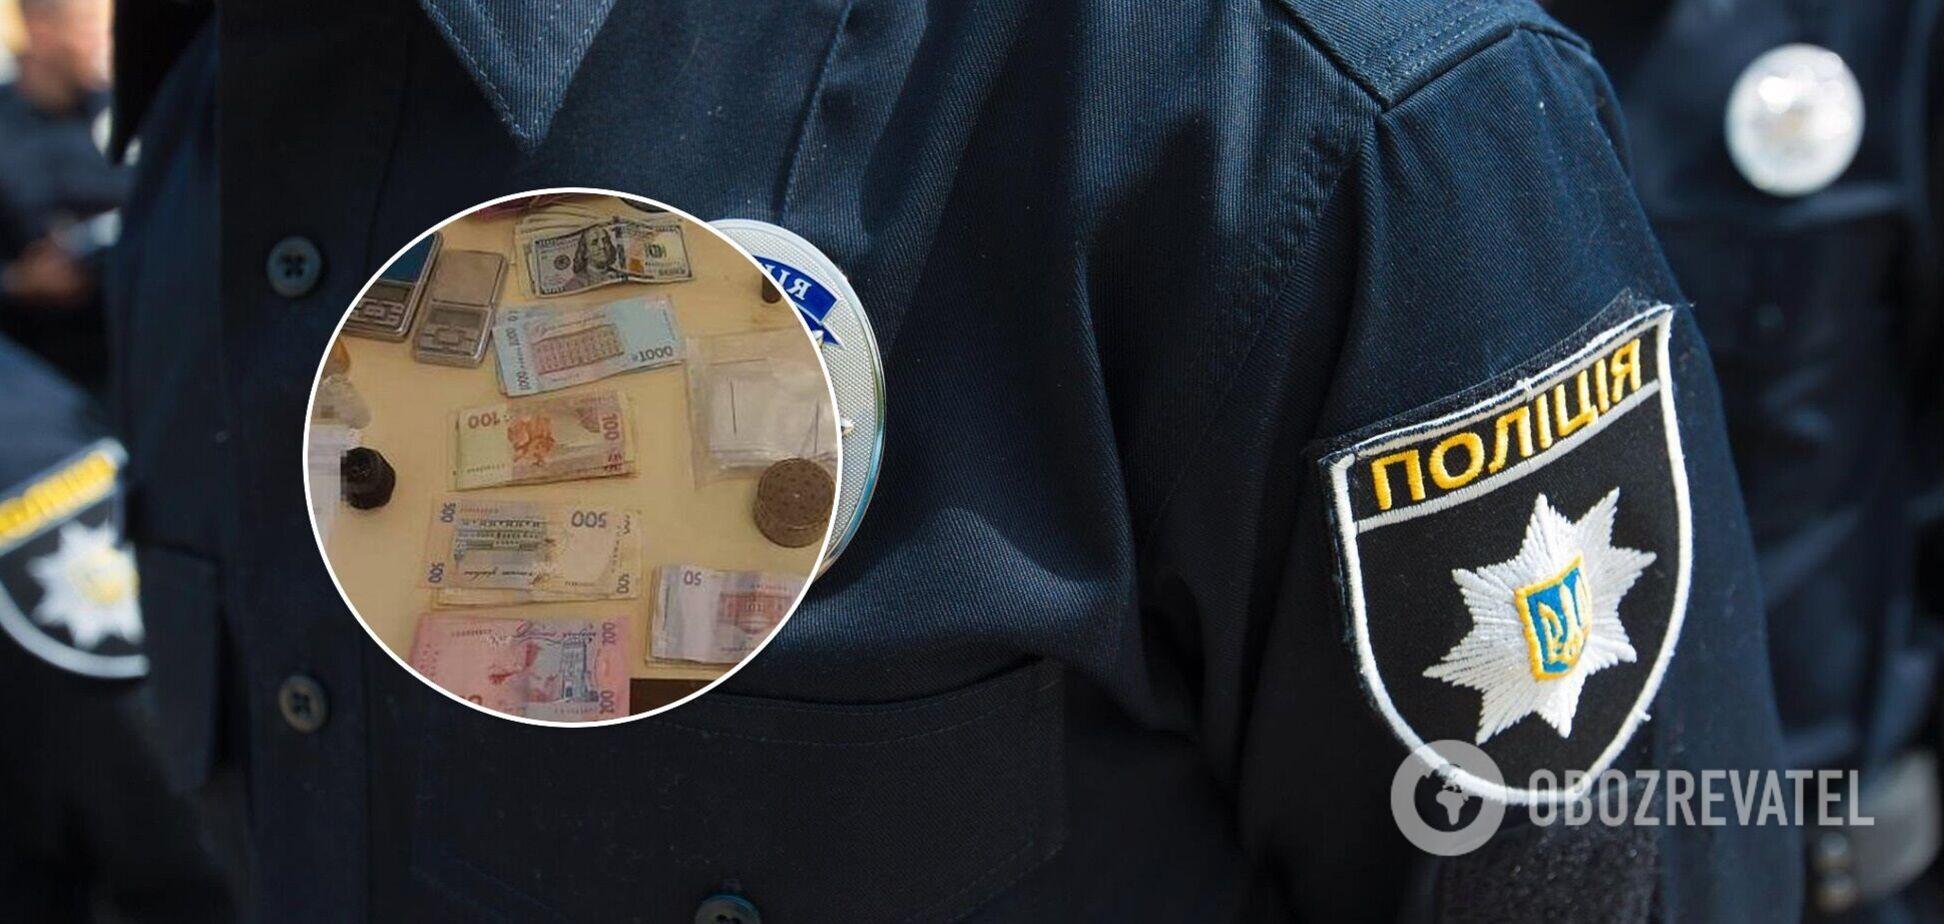 Во время обысков у преступников изъяли наркотики и деньги